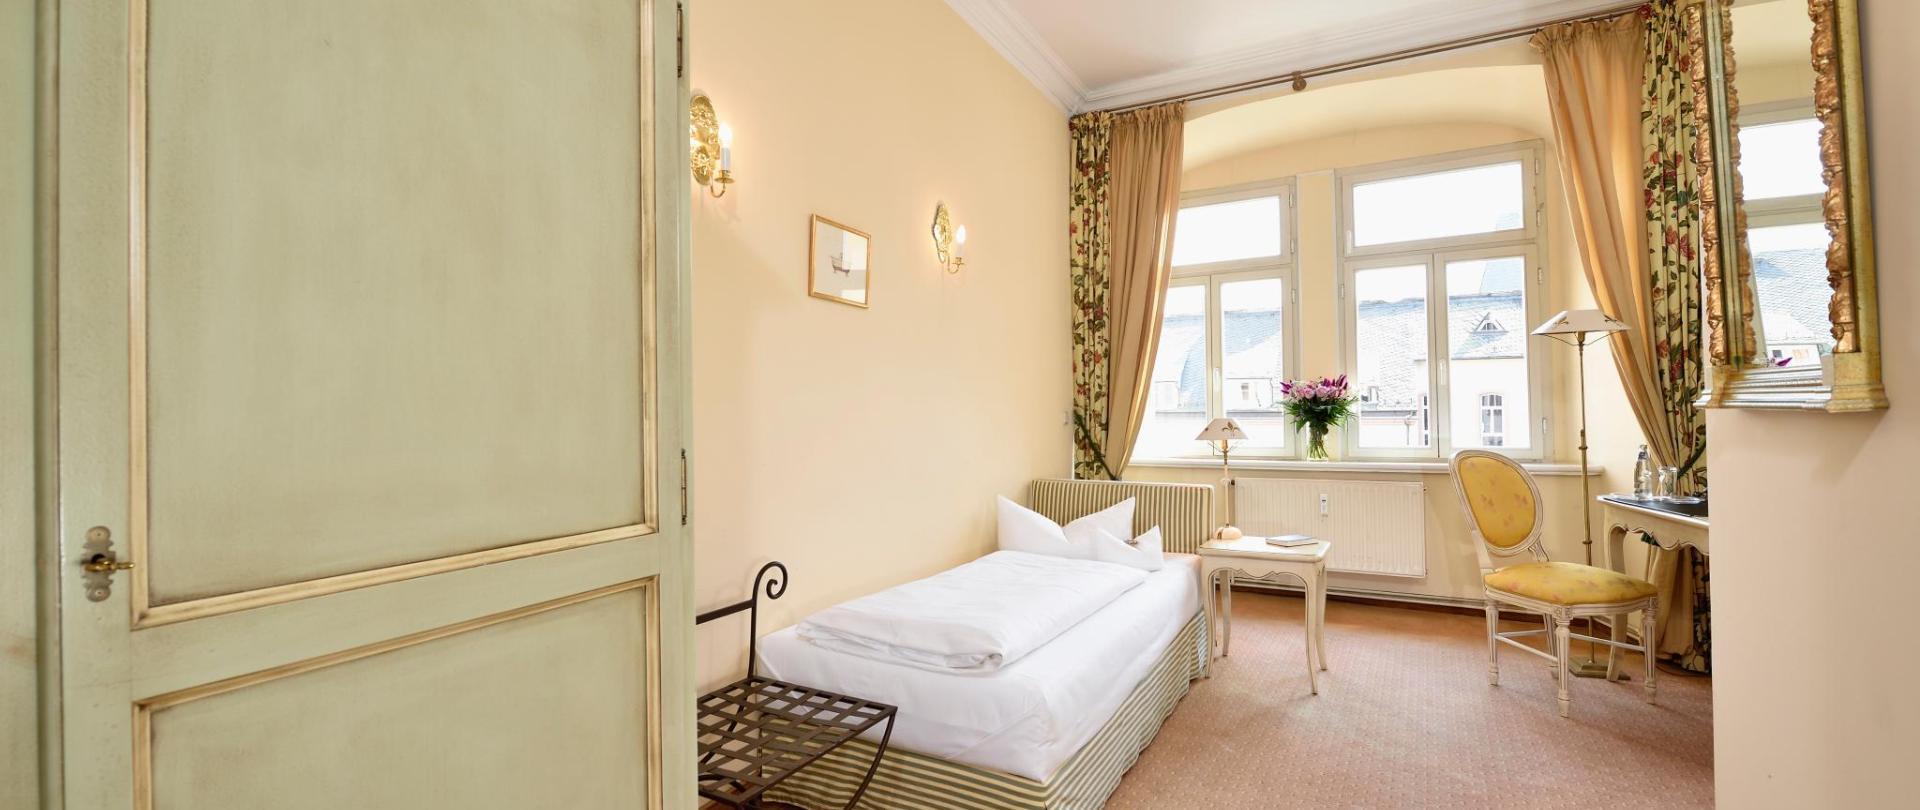 Hotel_GvM_062.jpg